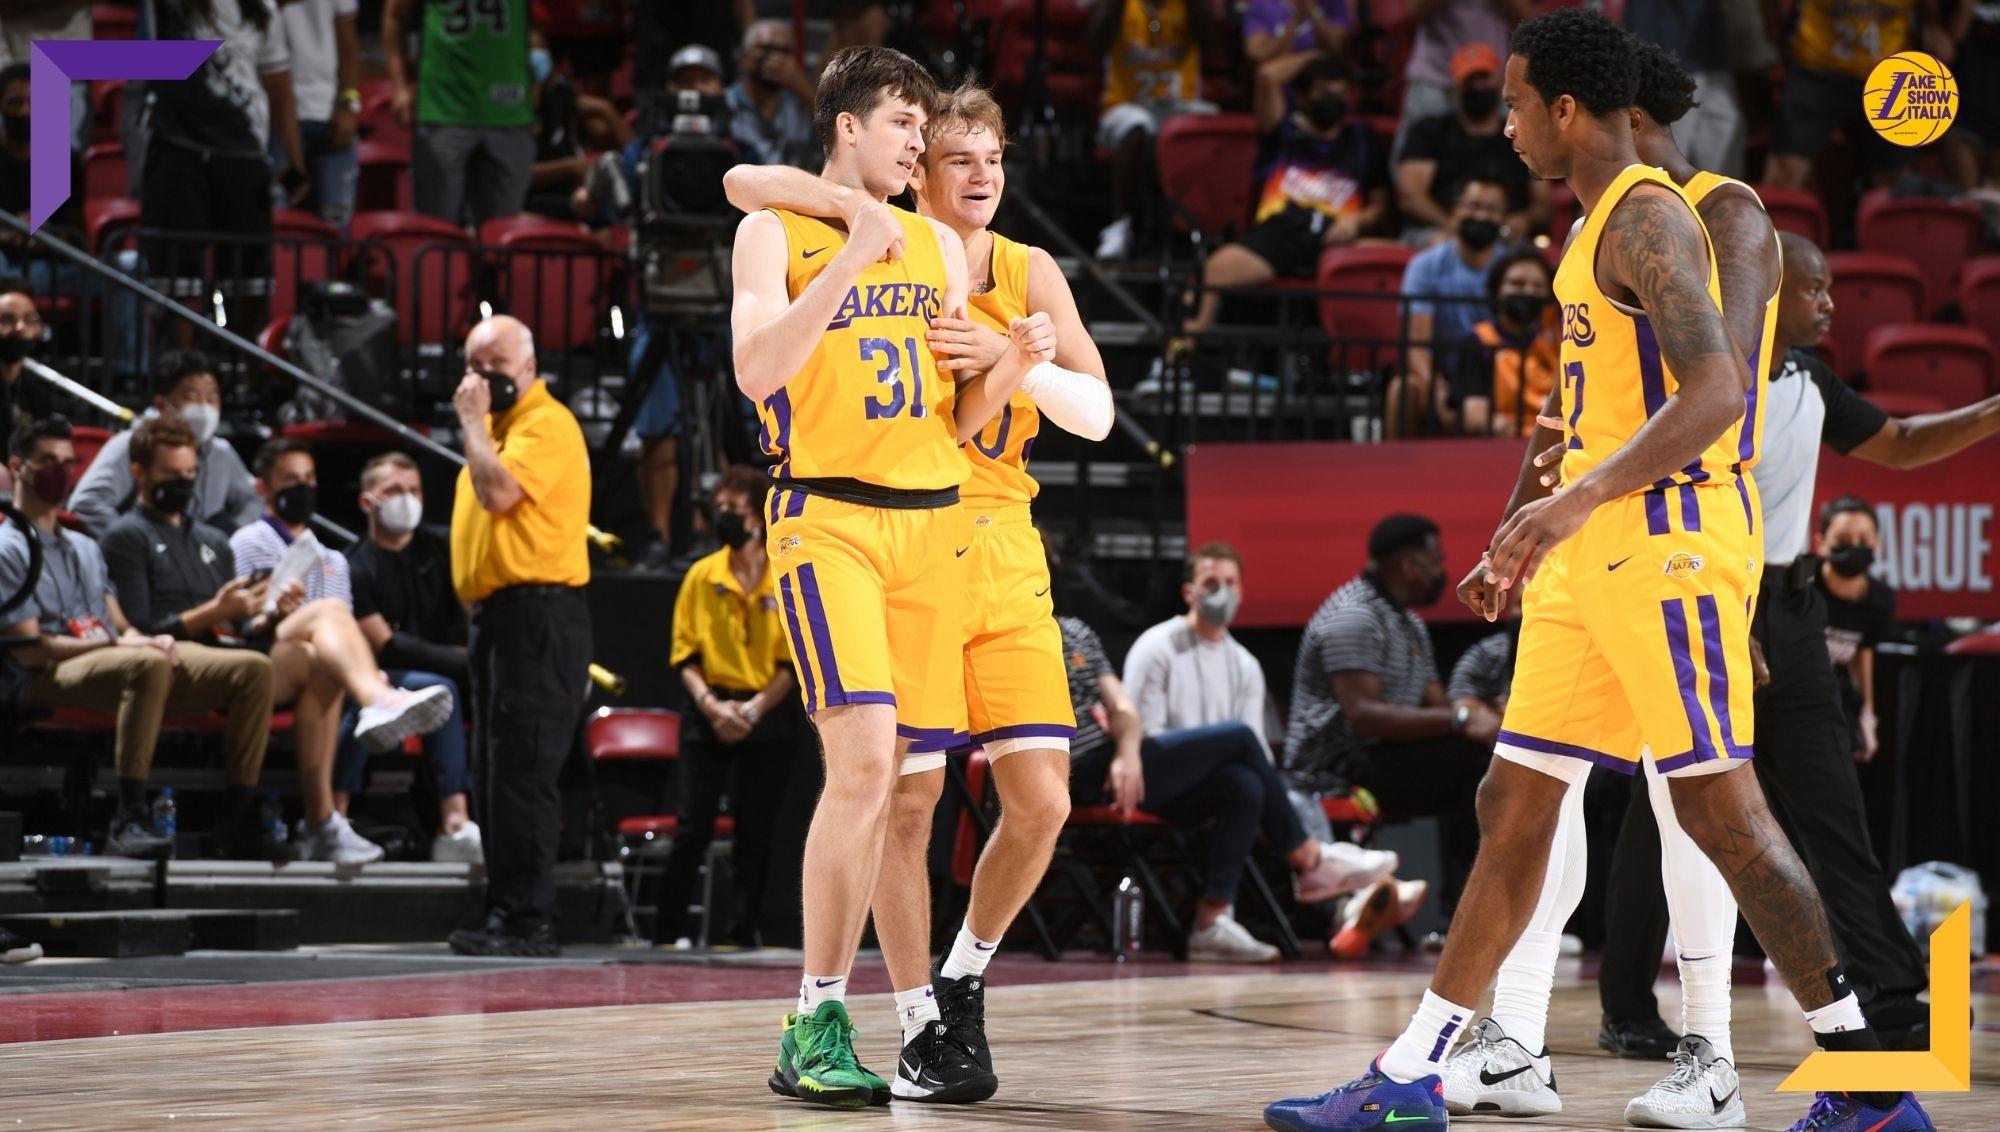 Successo per i Los Angeles Lakers contro i Phoenix Suns all'esordio nella Las Vegas Summer League. Decisivi di canestri di Reaves e McClung.